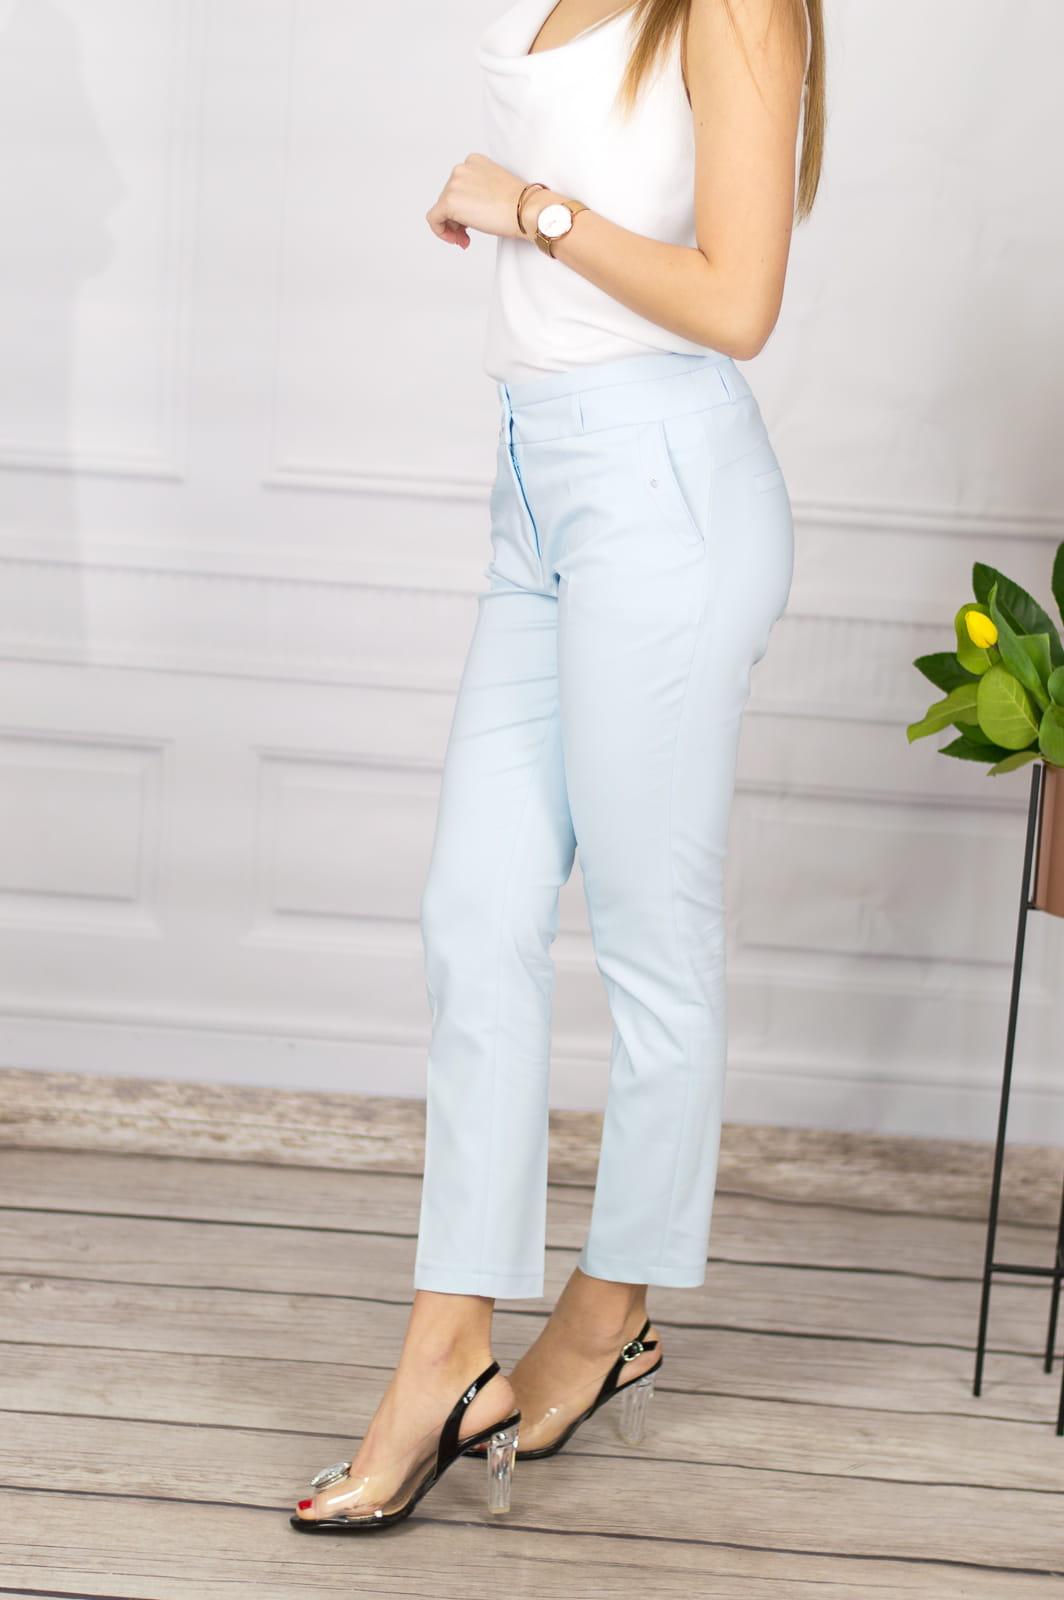 053fee05c0e55a Eleganckie spodnie damskie BB niebieskie 7/8 - Jerodi. 28670_25519.  promocja. 28670_25519; 28670_25520; 28670_25521; 28670_25522